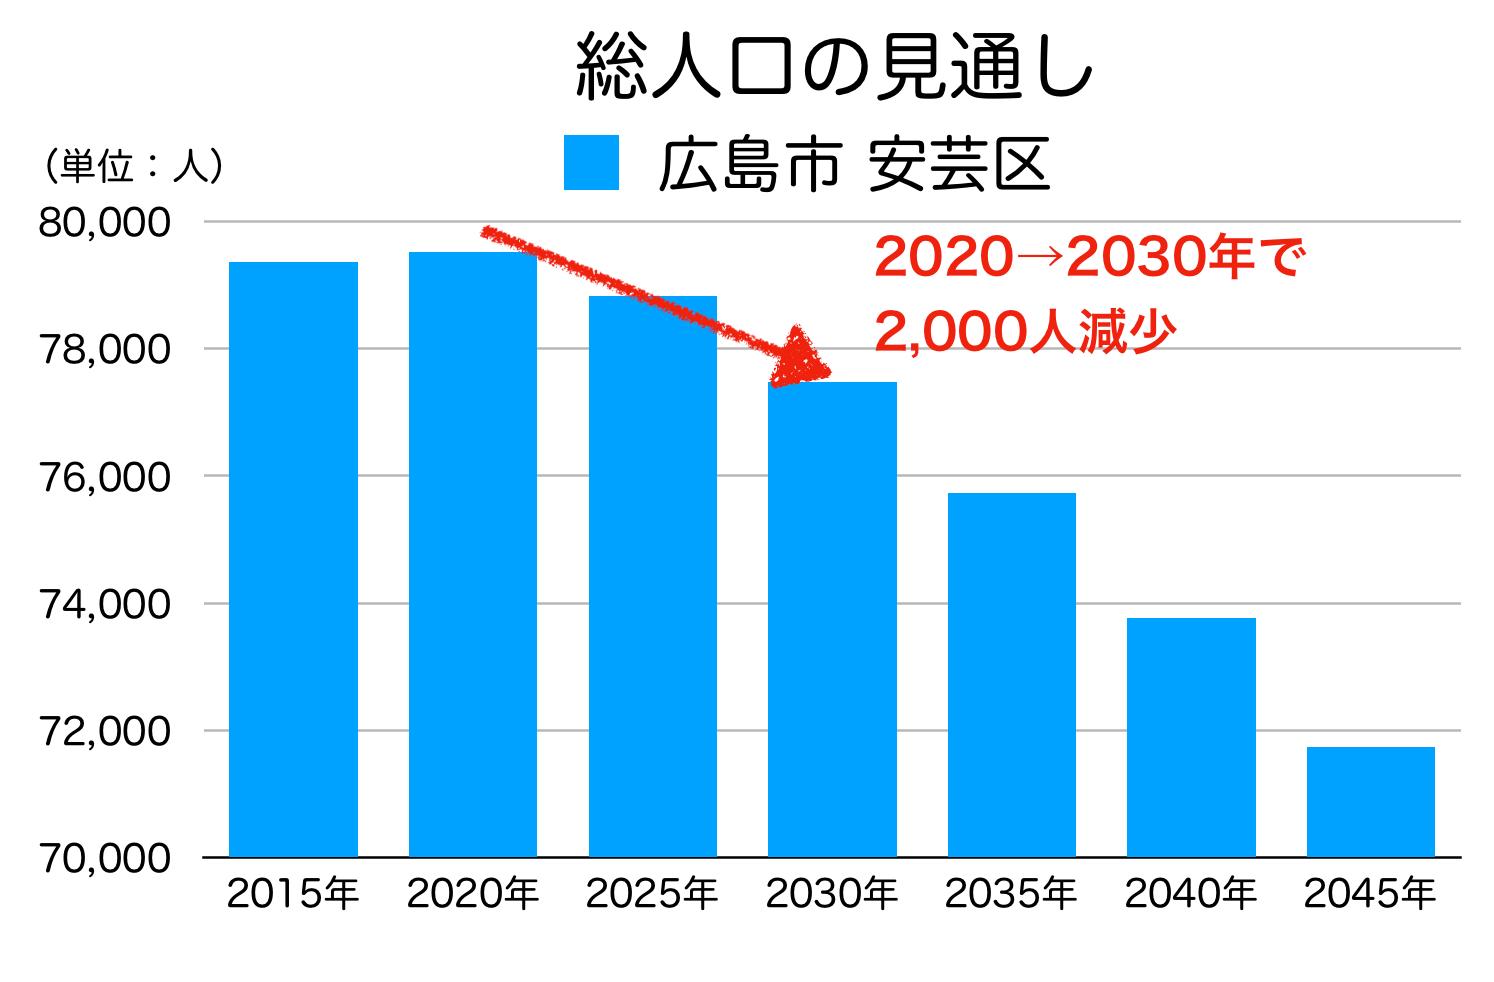 広島市安芸区の人口予測